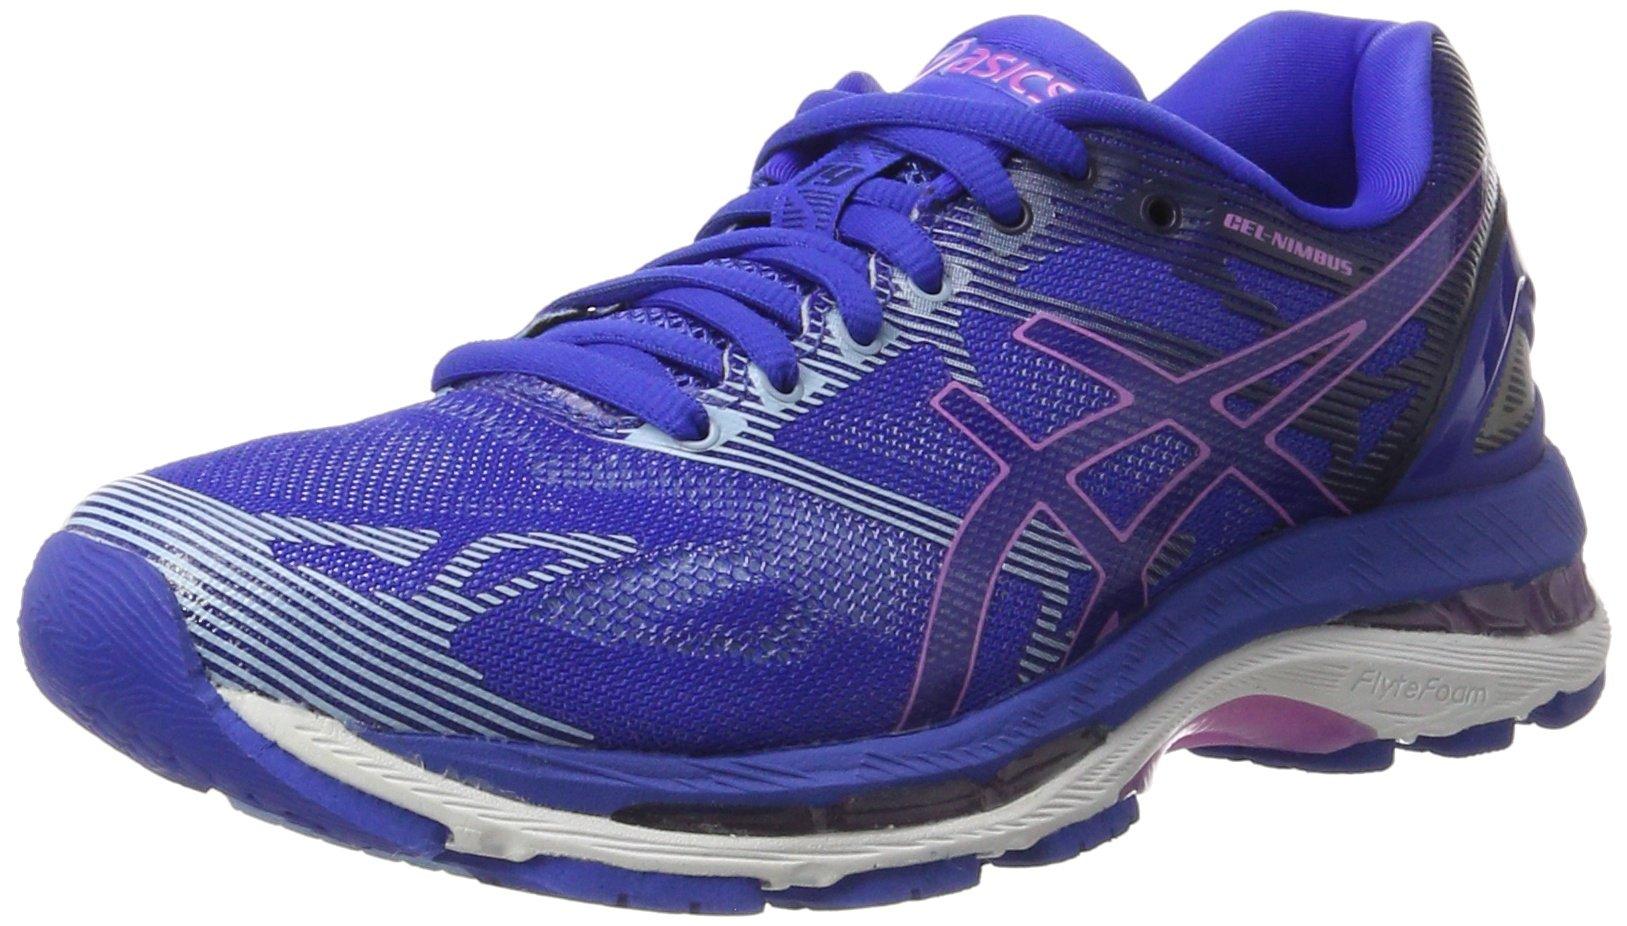 Eu De Purple air Gel Y FemmeBleu violet 19Chaussures Asics Running nimbus Blue37 BdrCoxe